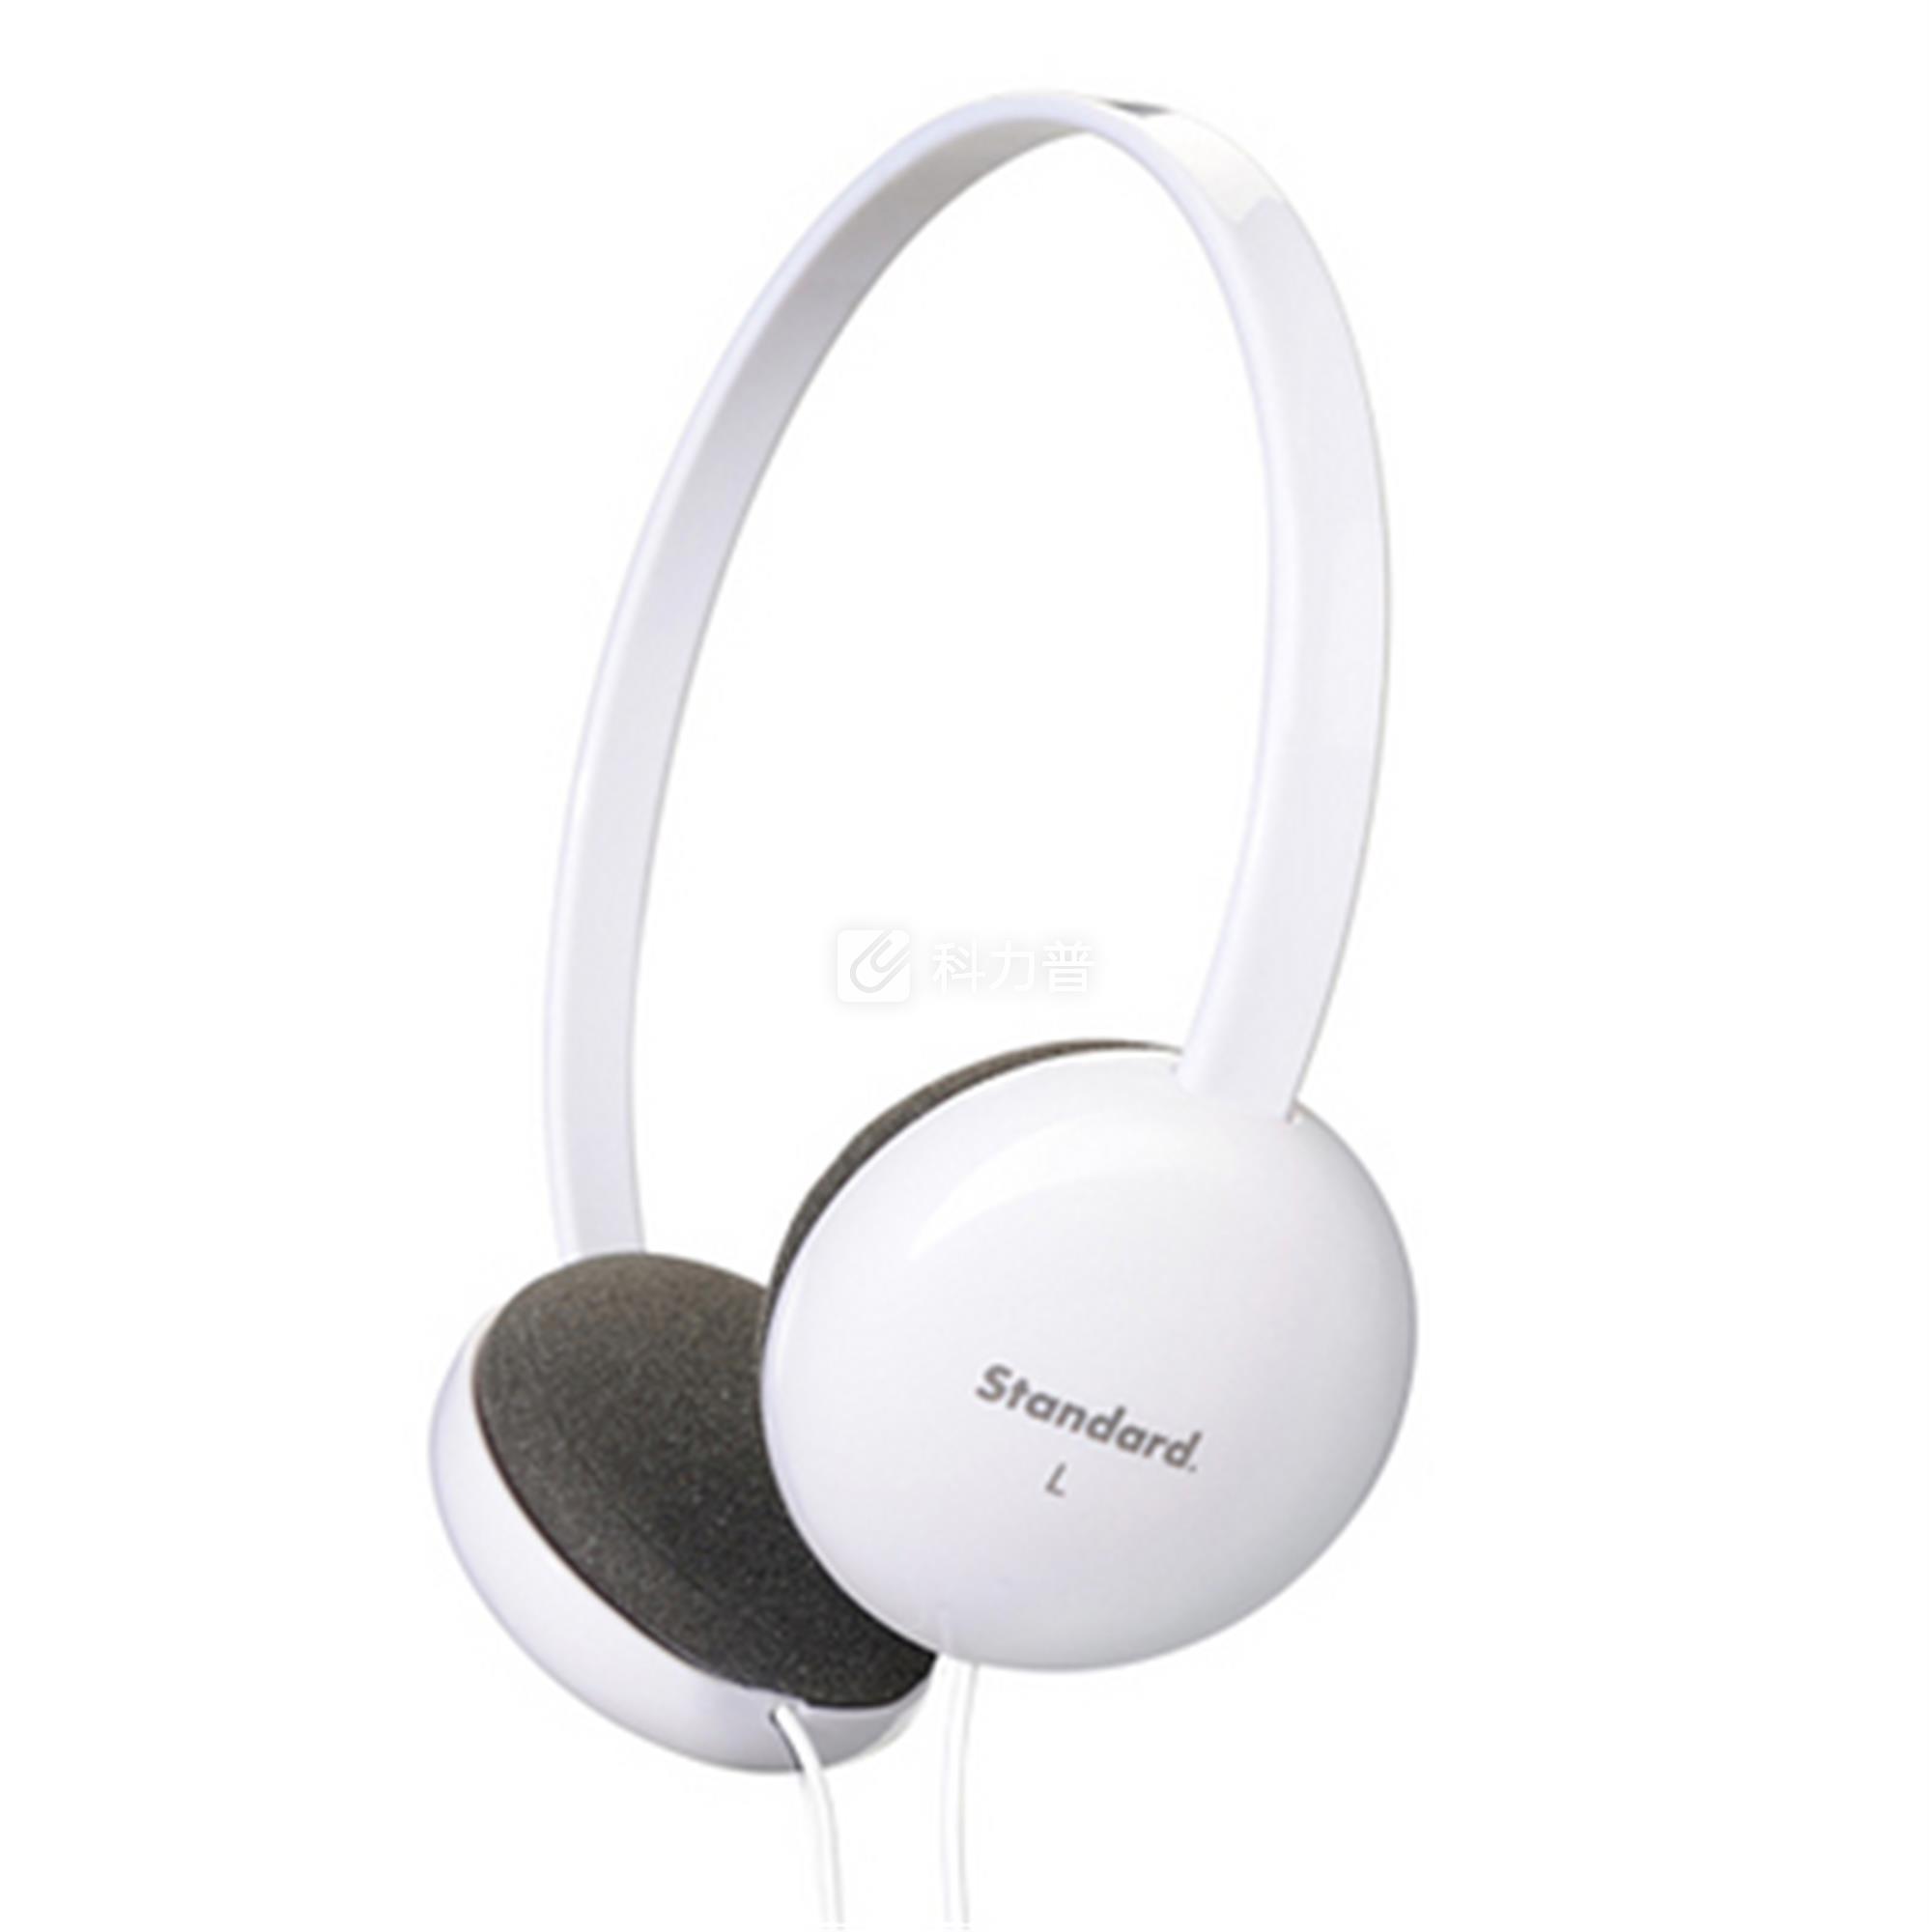 山业 SANWA 头戴式耳机 mm-HPST01W (白色)